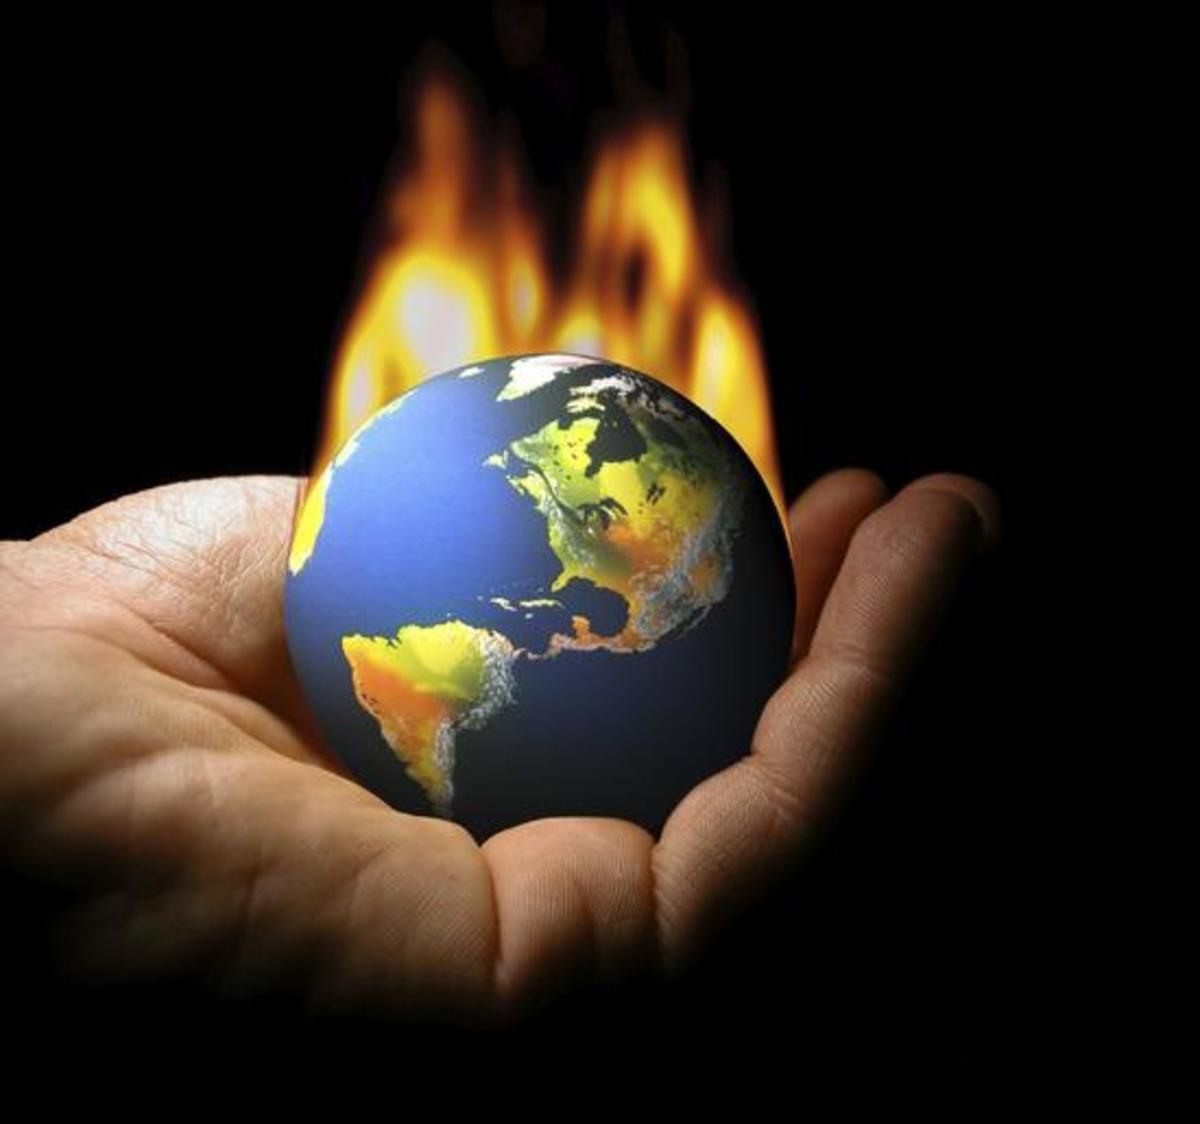 Καταρρέουν οι ευρωαγορές ενώ η Αμερική αντιστέκεται – Σε νευρική κρίση οι ηγεσίες του κόσμου υπό το φόβο παγκόσμιου κραχ | Newsit.gr